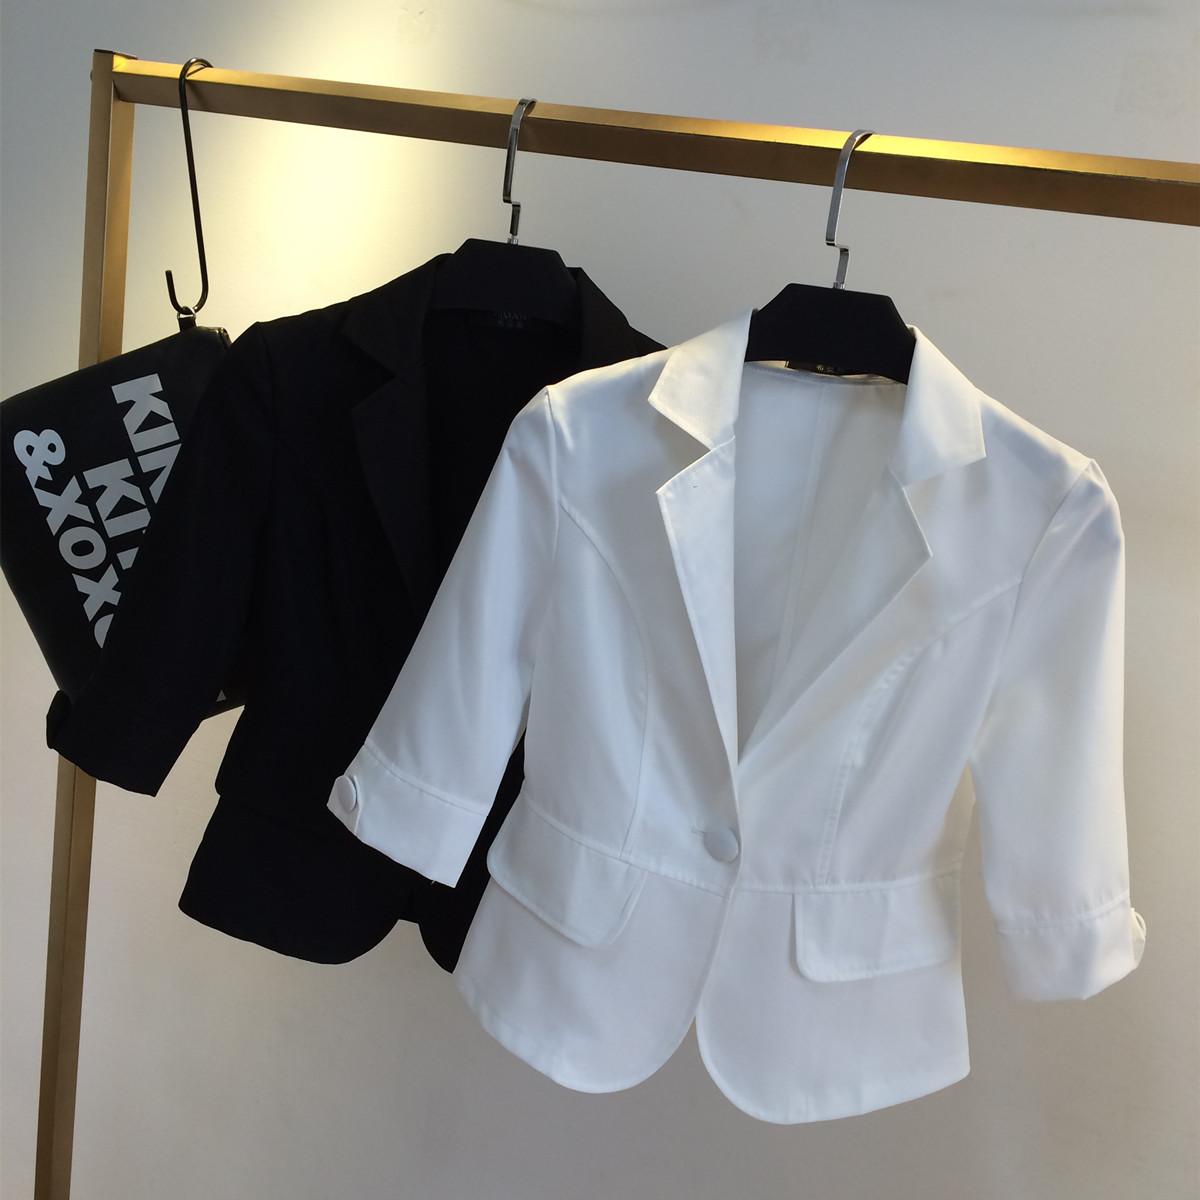 【 каждый день специальное предложение 】 новый издание 7 филиал OL тонкий короткий костюм тонкий короткий рукав жир MM большой двор малявка одежда пальто женщина